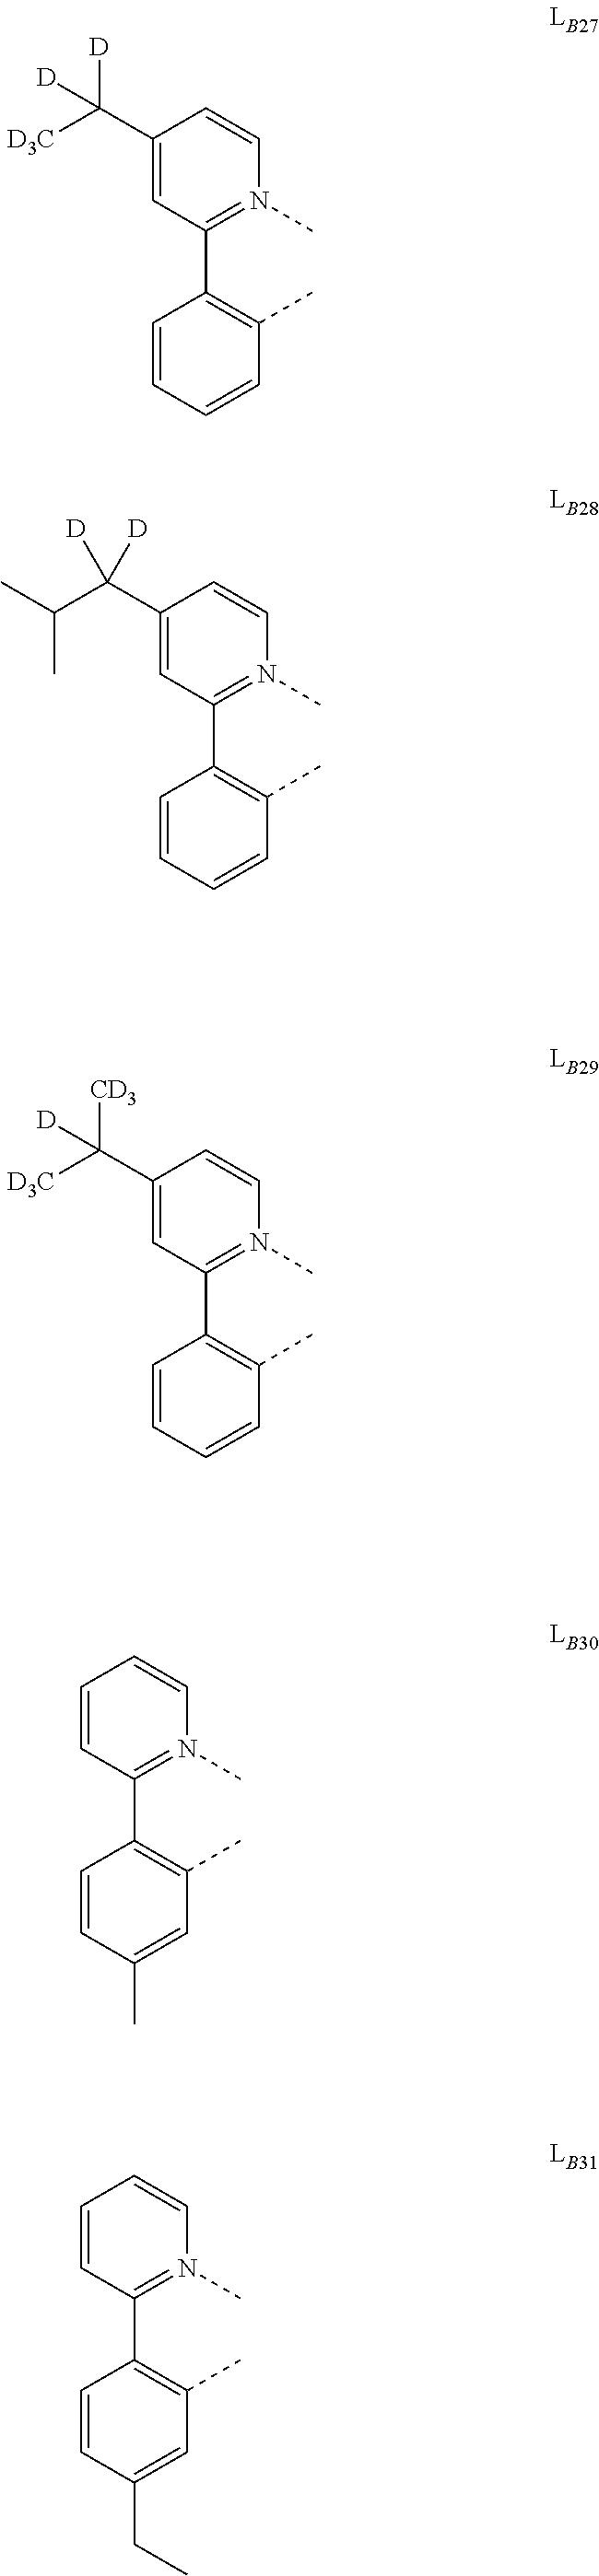 Figure US09929360-20180327-C00042